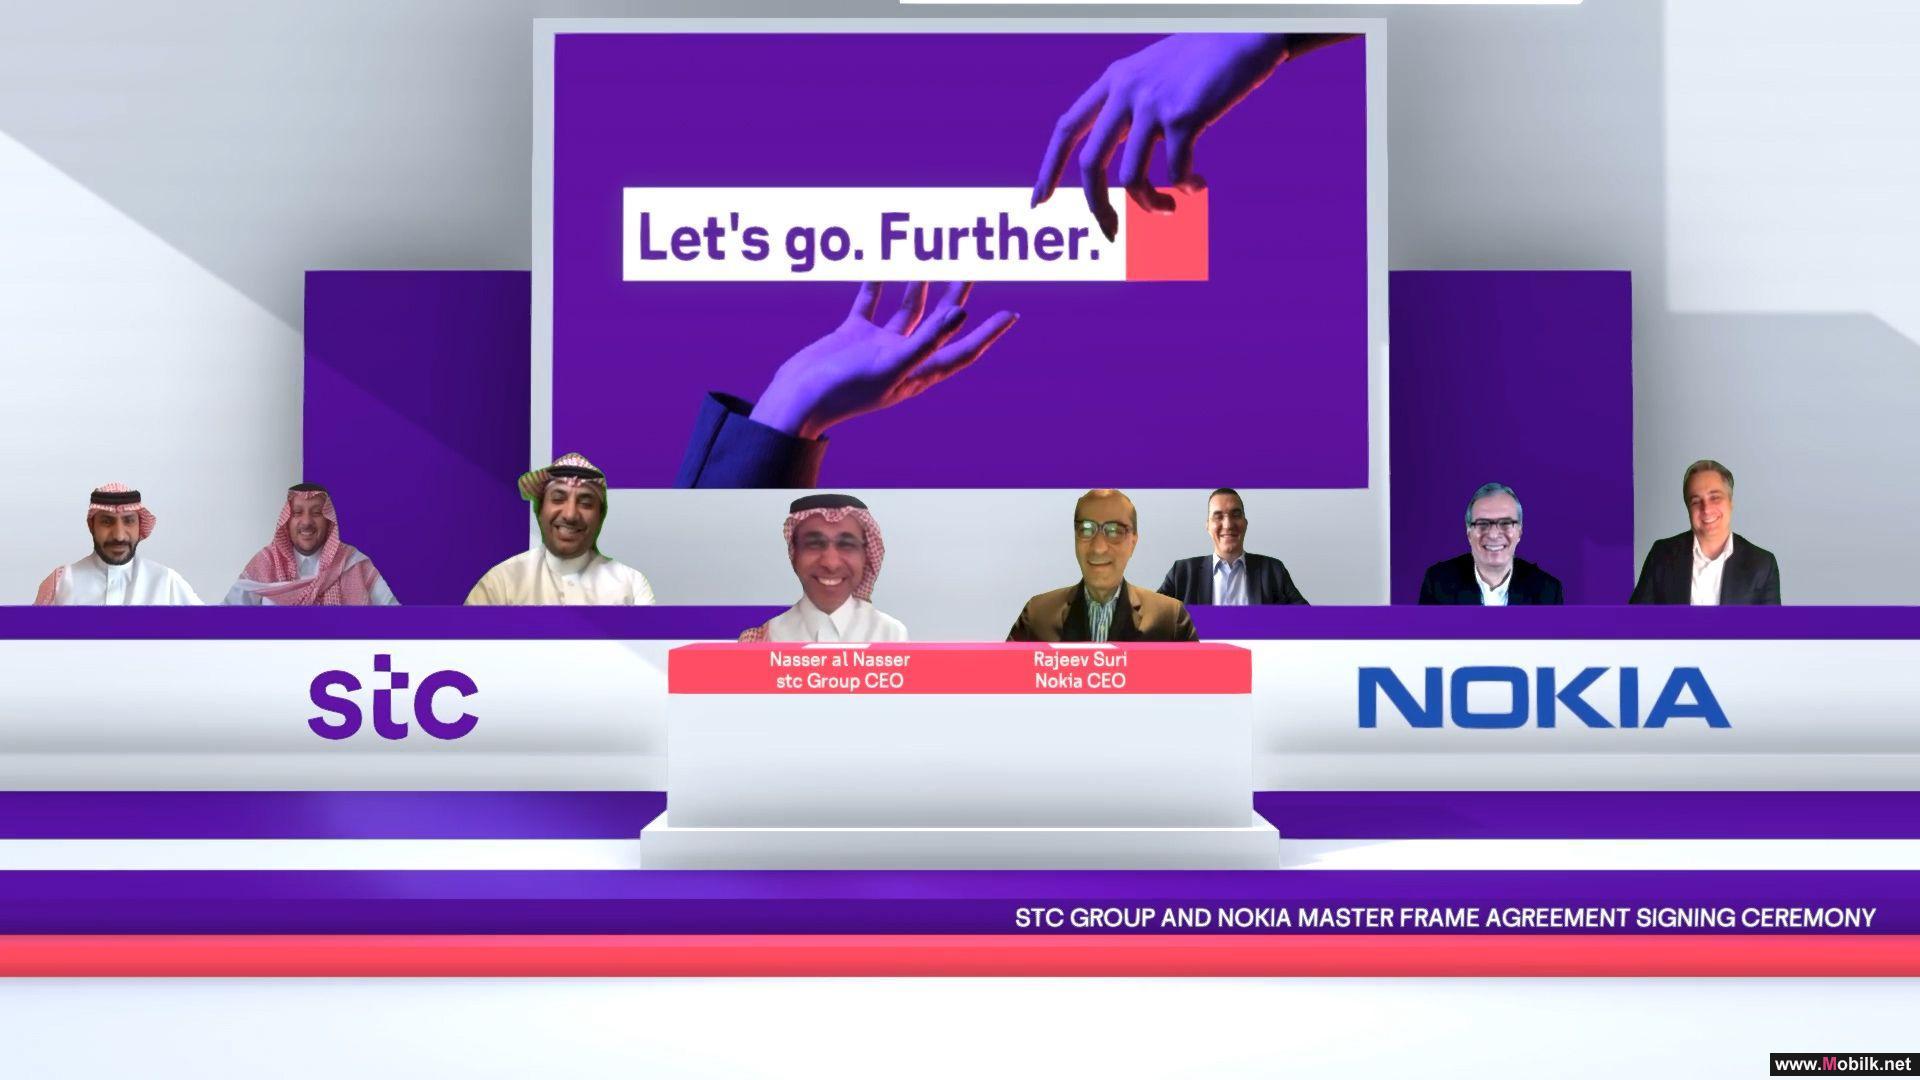 اتفاقية استراتيجية بين stc ونوكيا بمراسم توقيع عبر